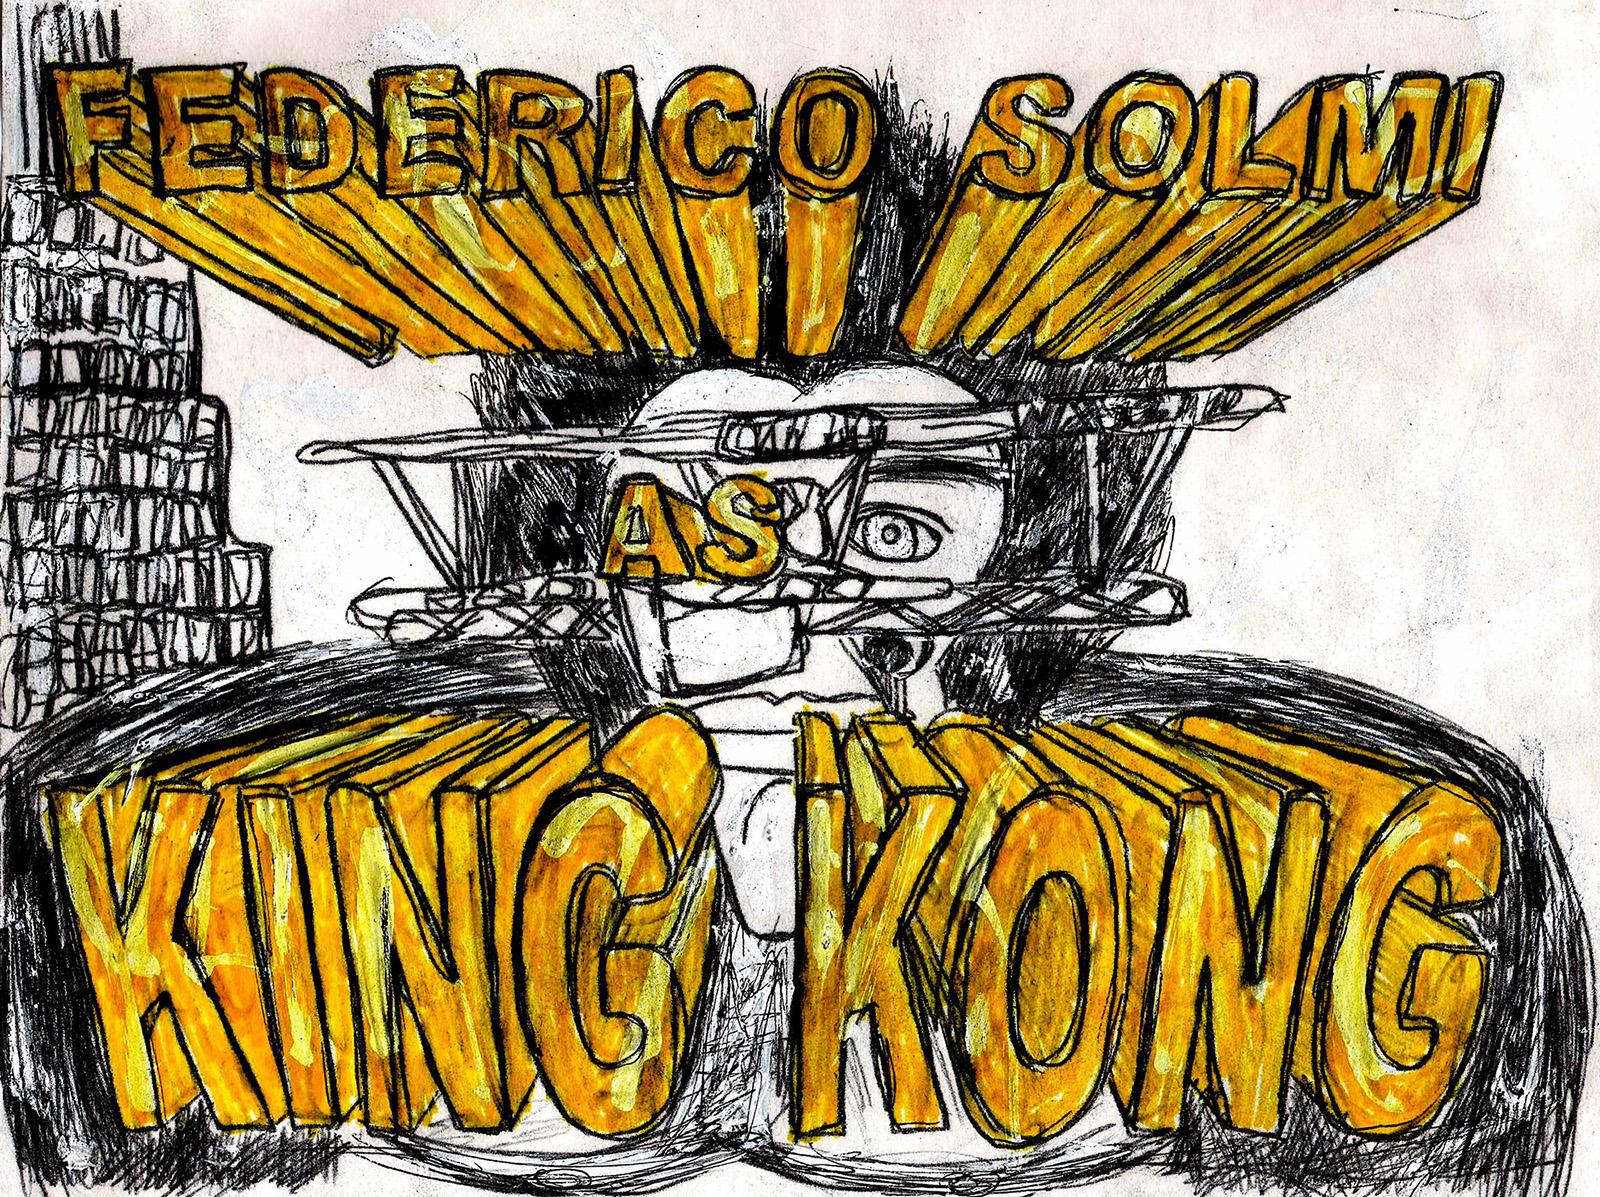 KingKong_still_03_web.jpg